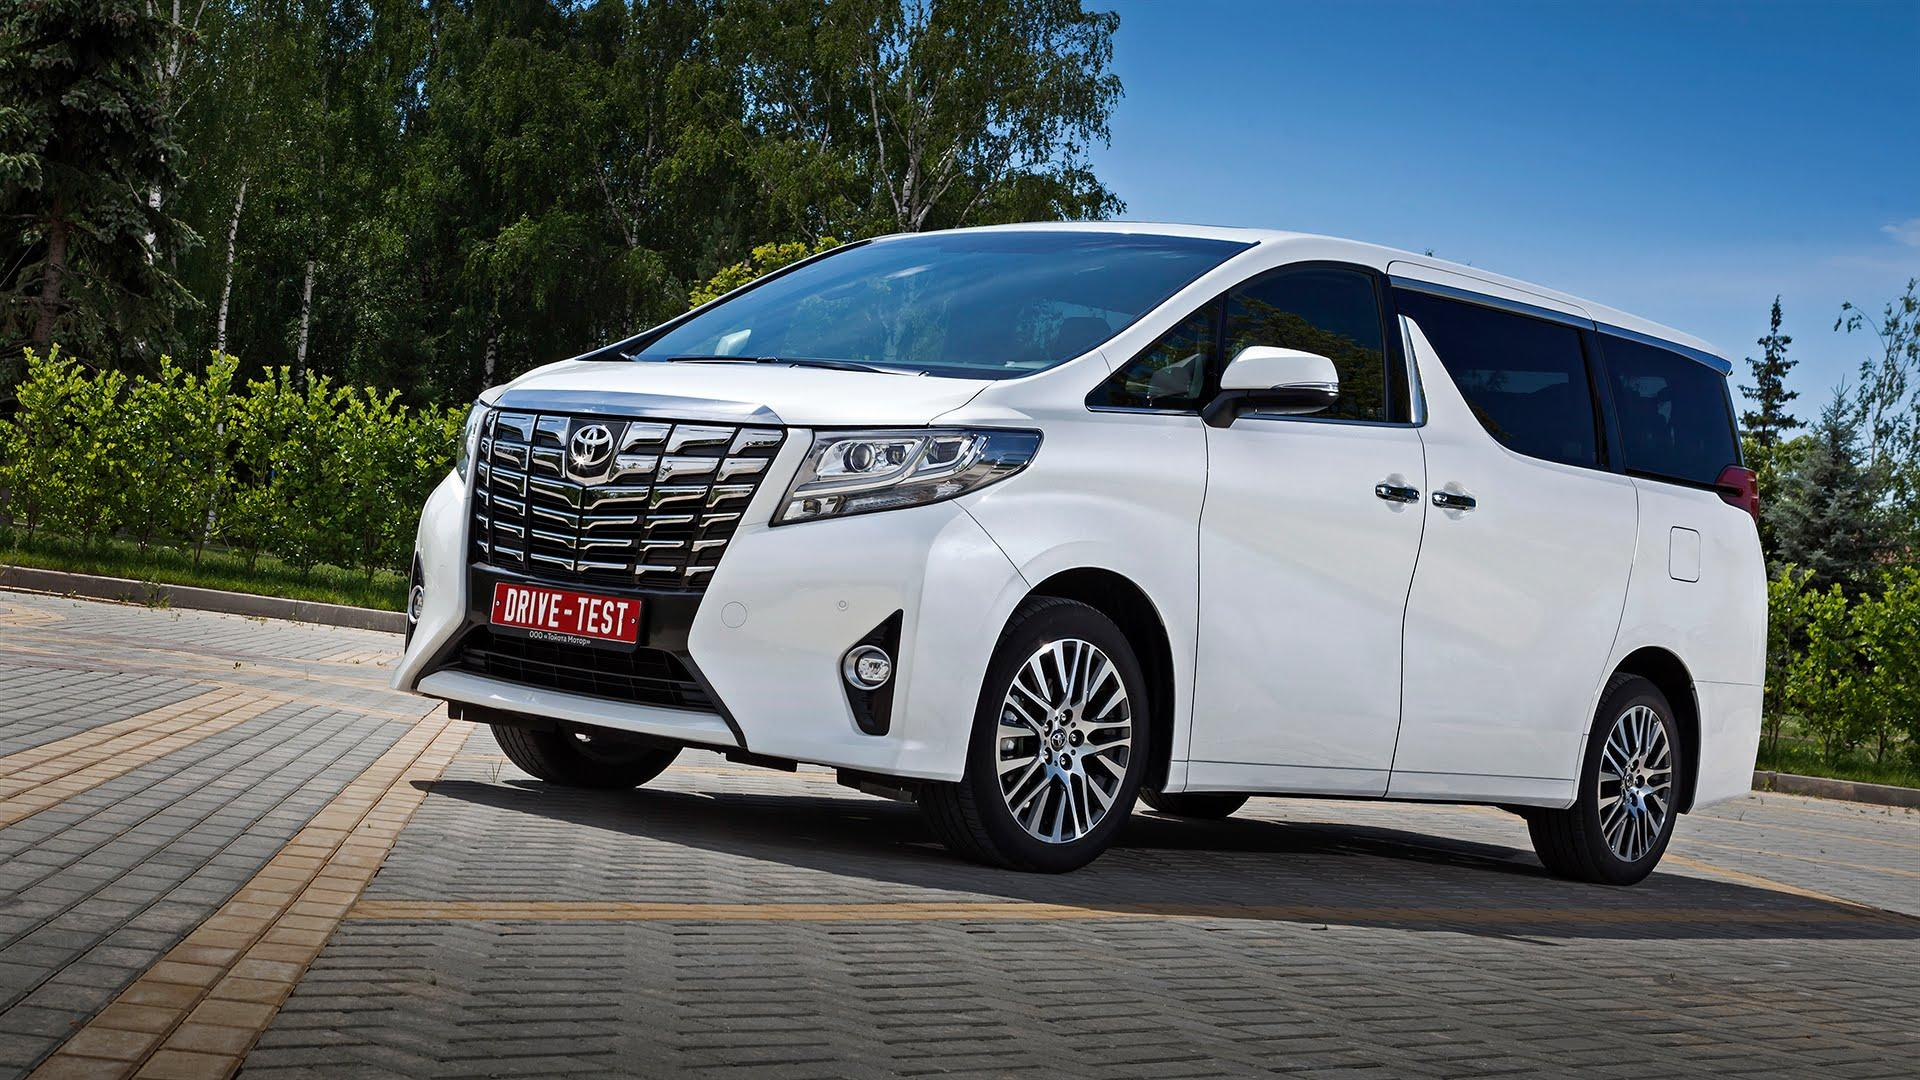 ToyotaAlphard – отличное семейное авто бизнес-классаToyotaAlphard – отличное семейное авто бизнес-класса